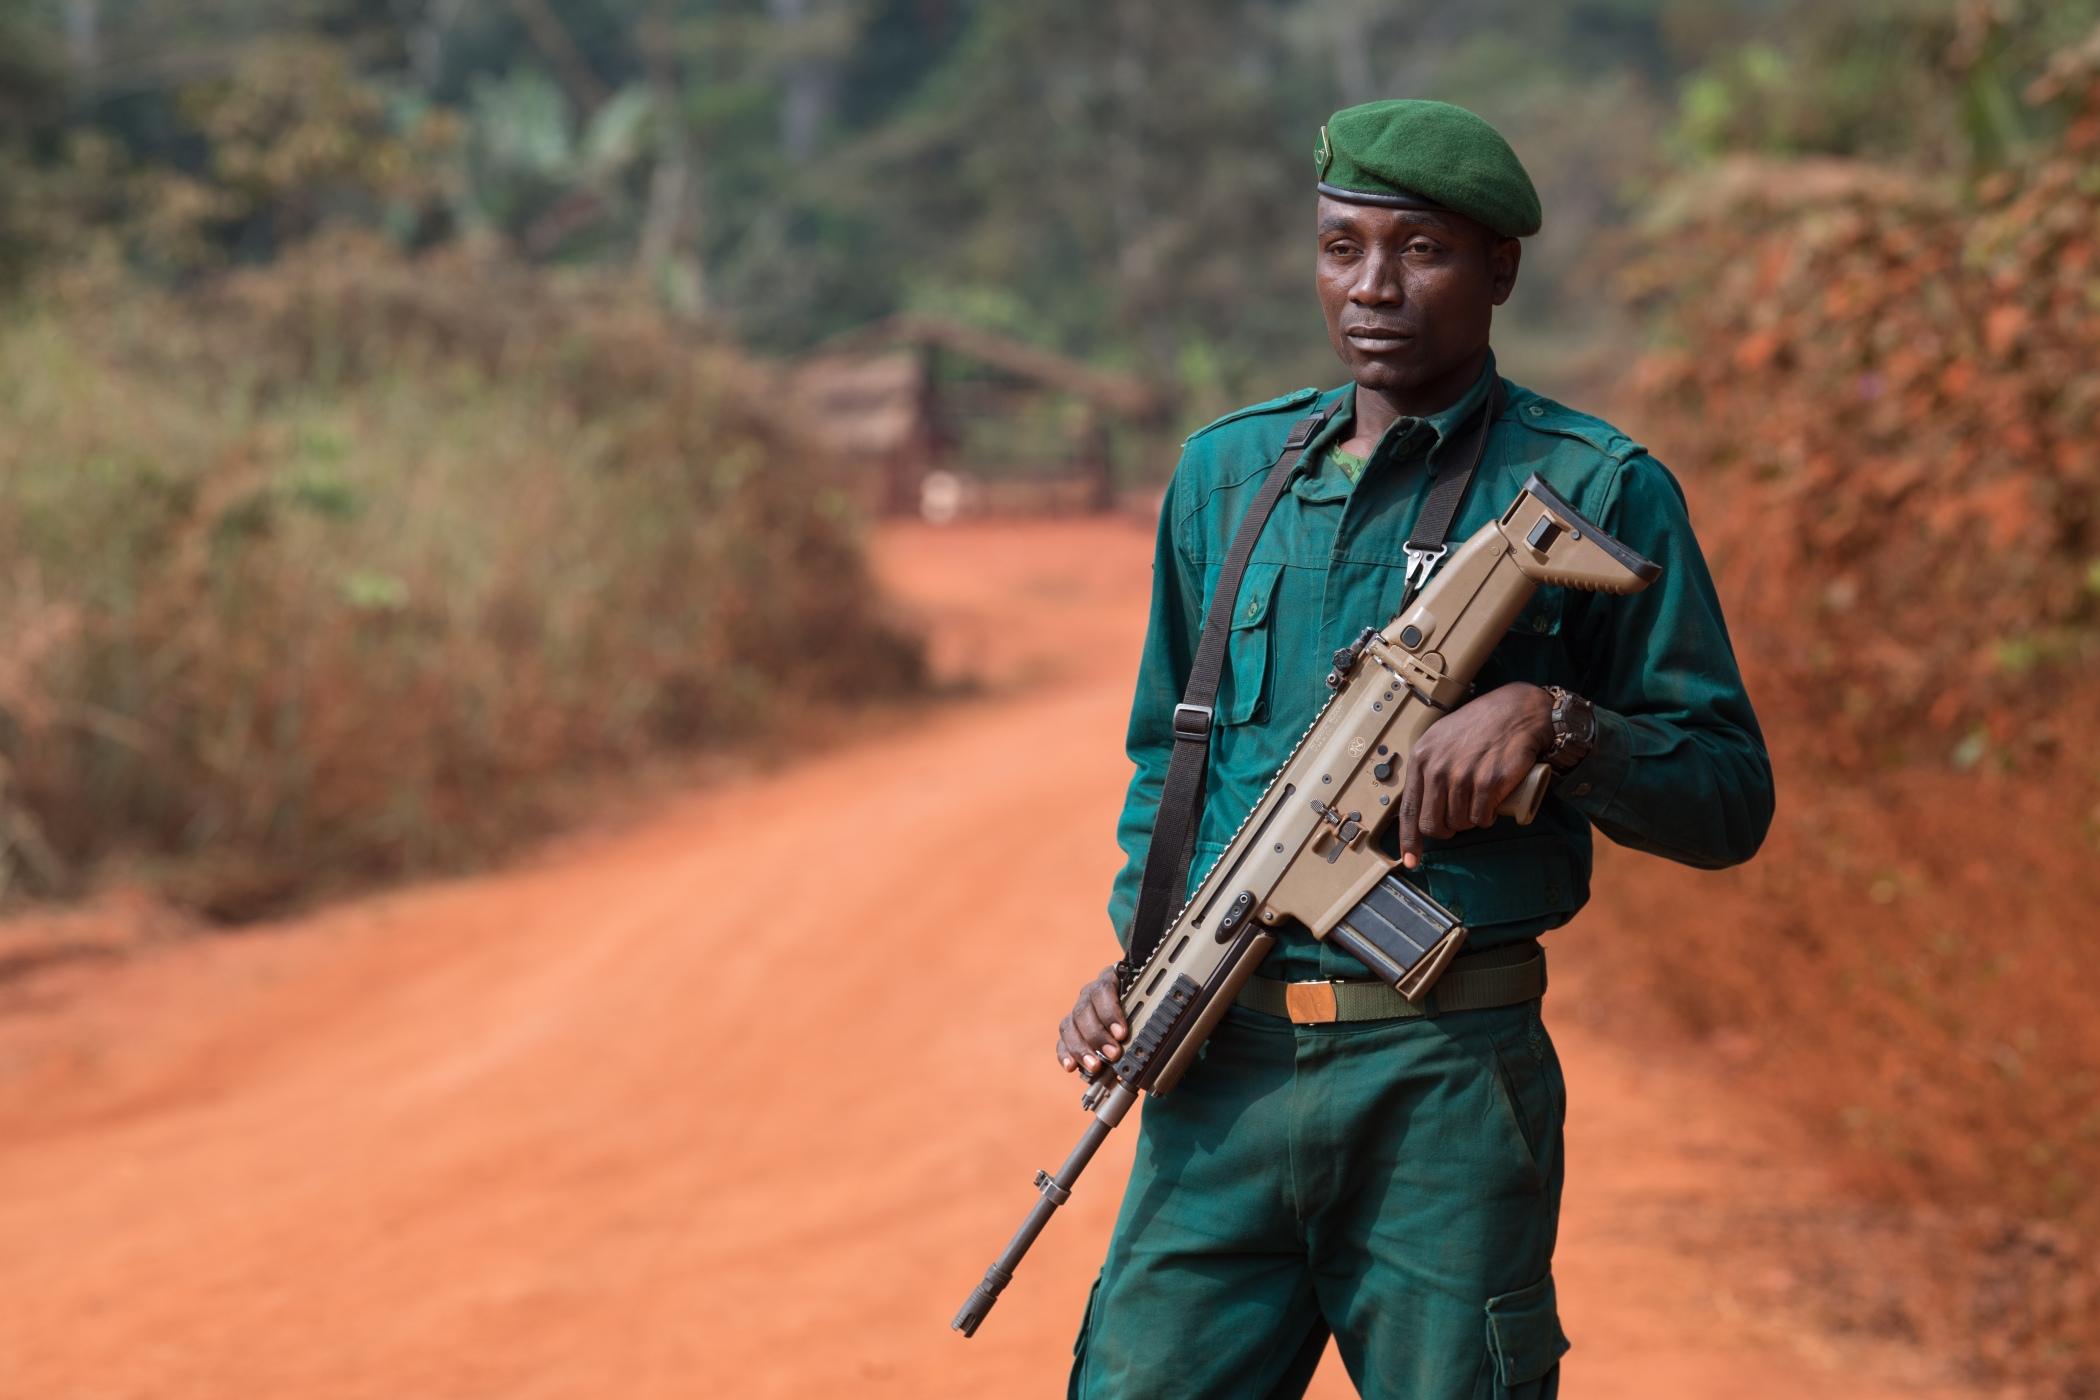 Svým vzhledem zdejší strážci přírody připomínají policisty nebo vojáky